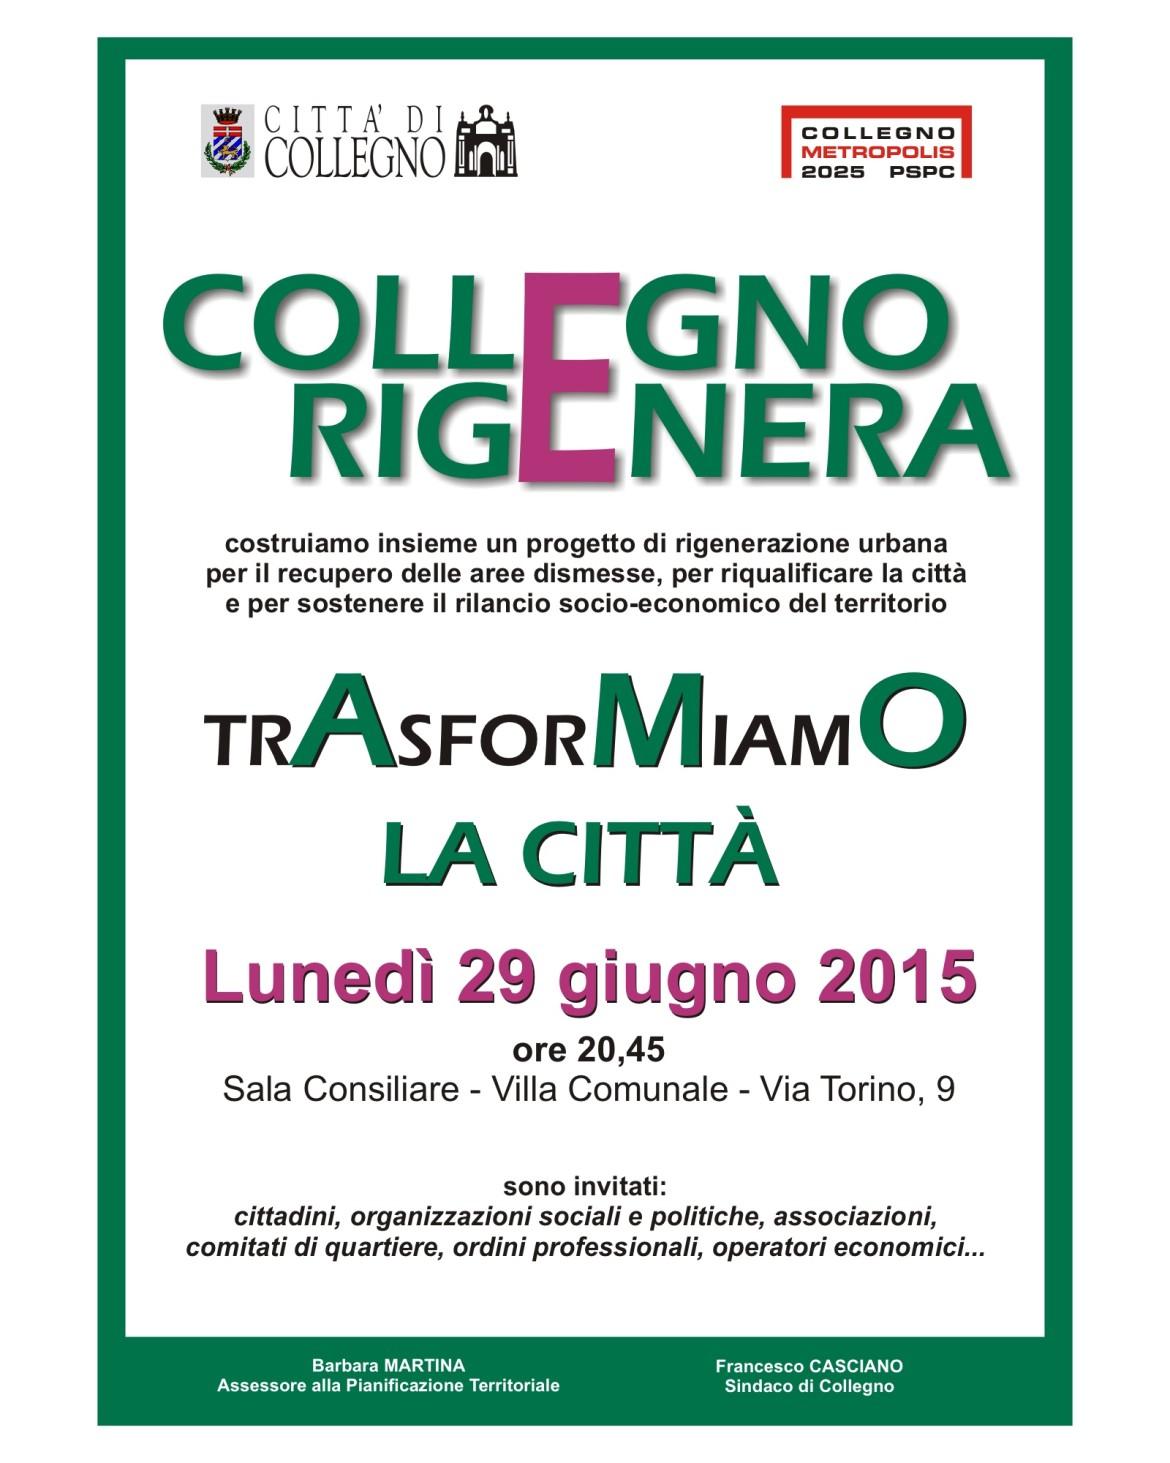 Collegno Rigenera un progetto unico, un progetto in cui crediamo!